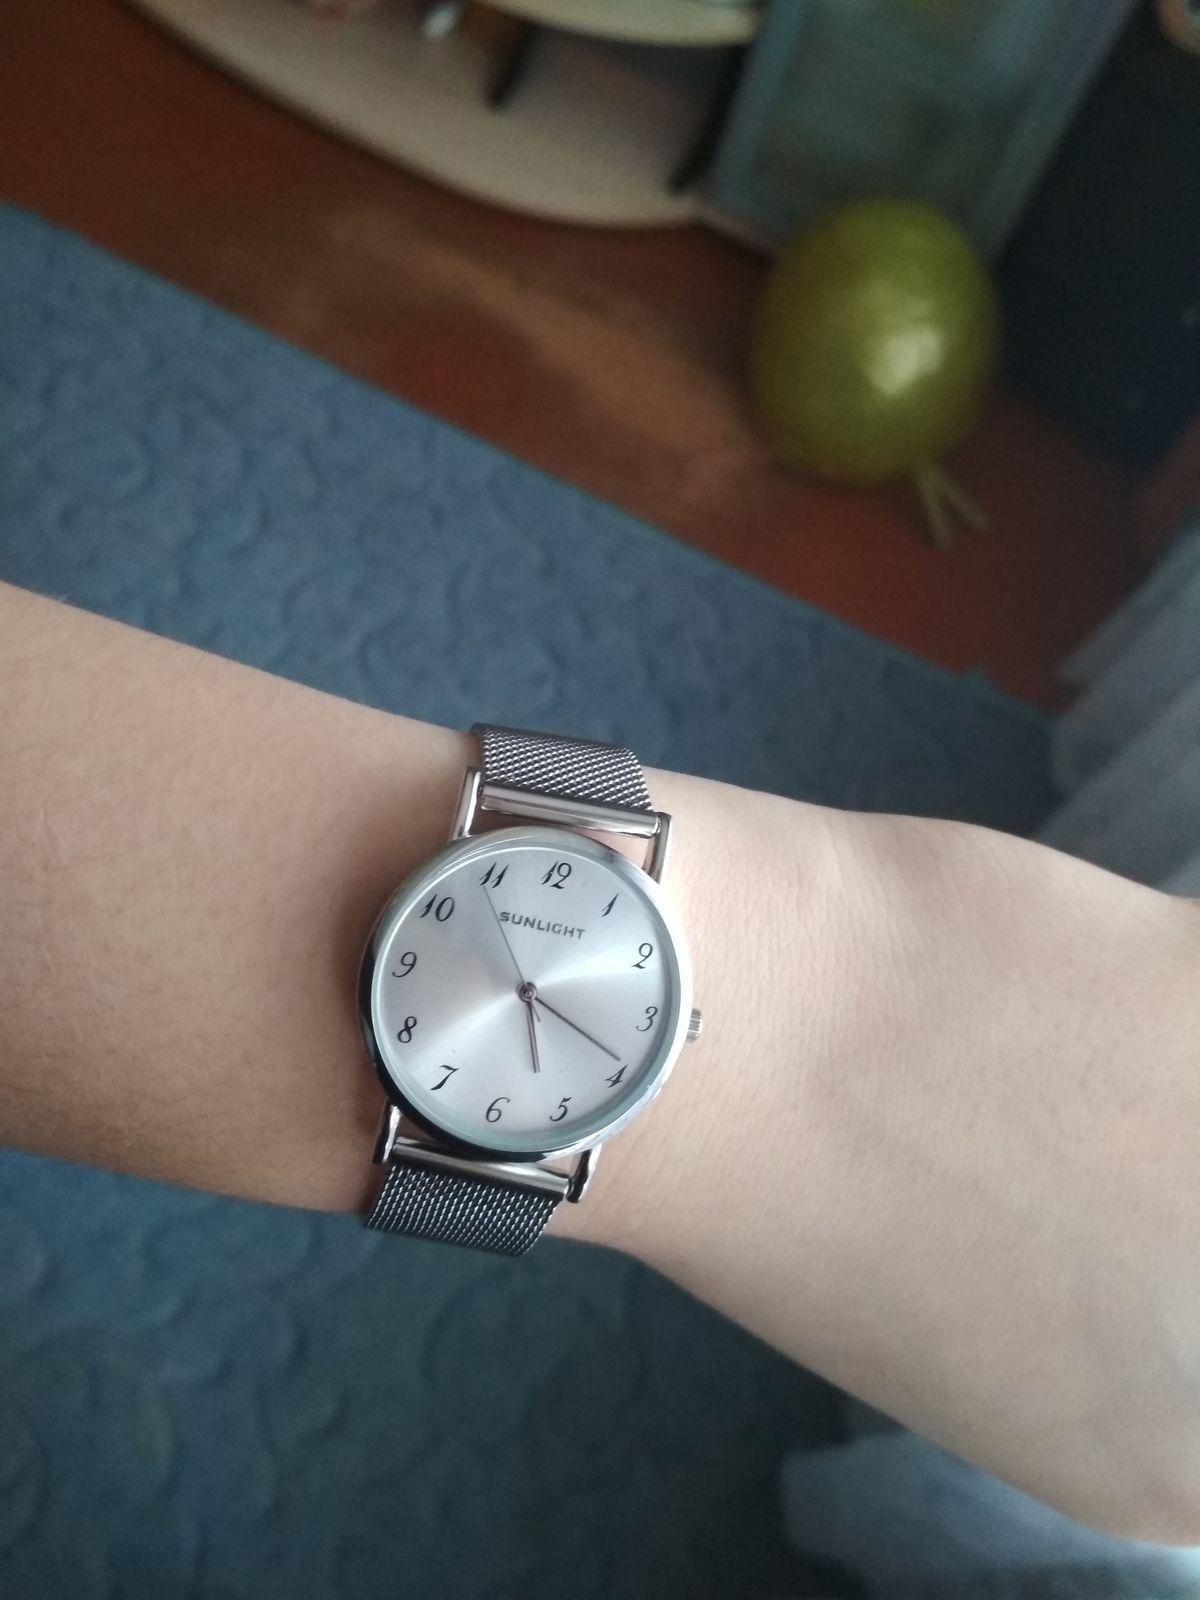 Прекрасные часы, купленные в магазине SUNLIGHT!